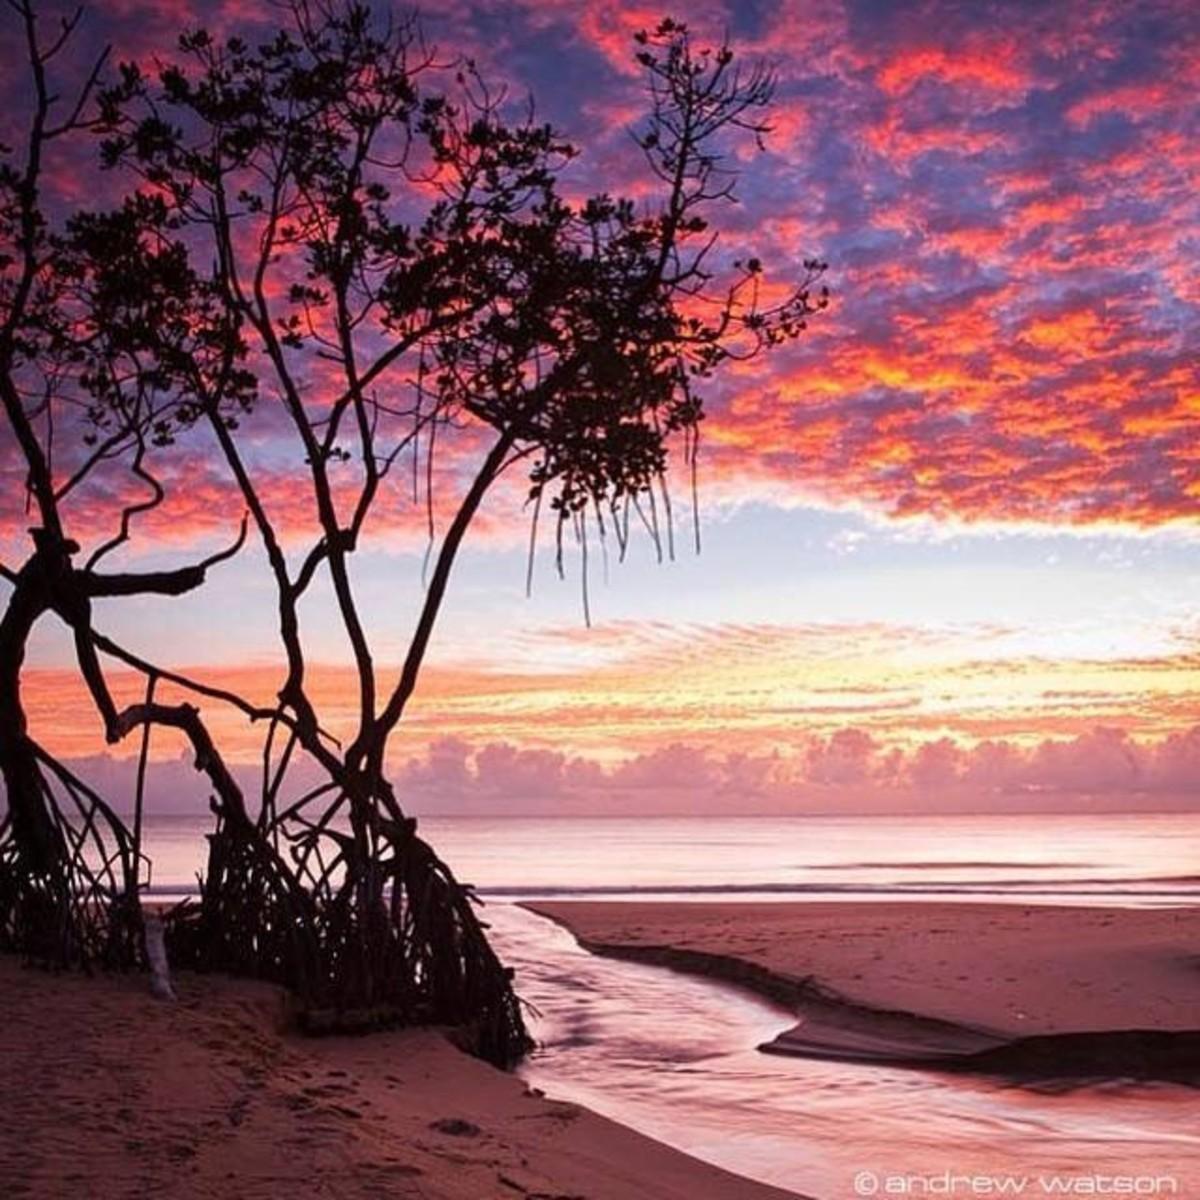 The Farthest Shore (A Poem About a Long Distance Love Affair)